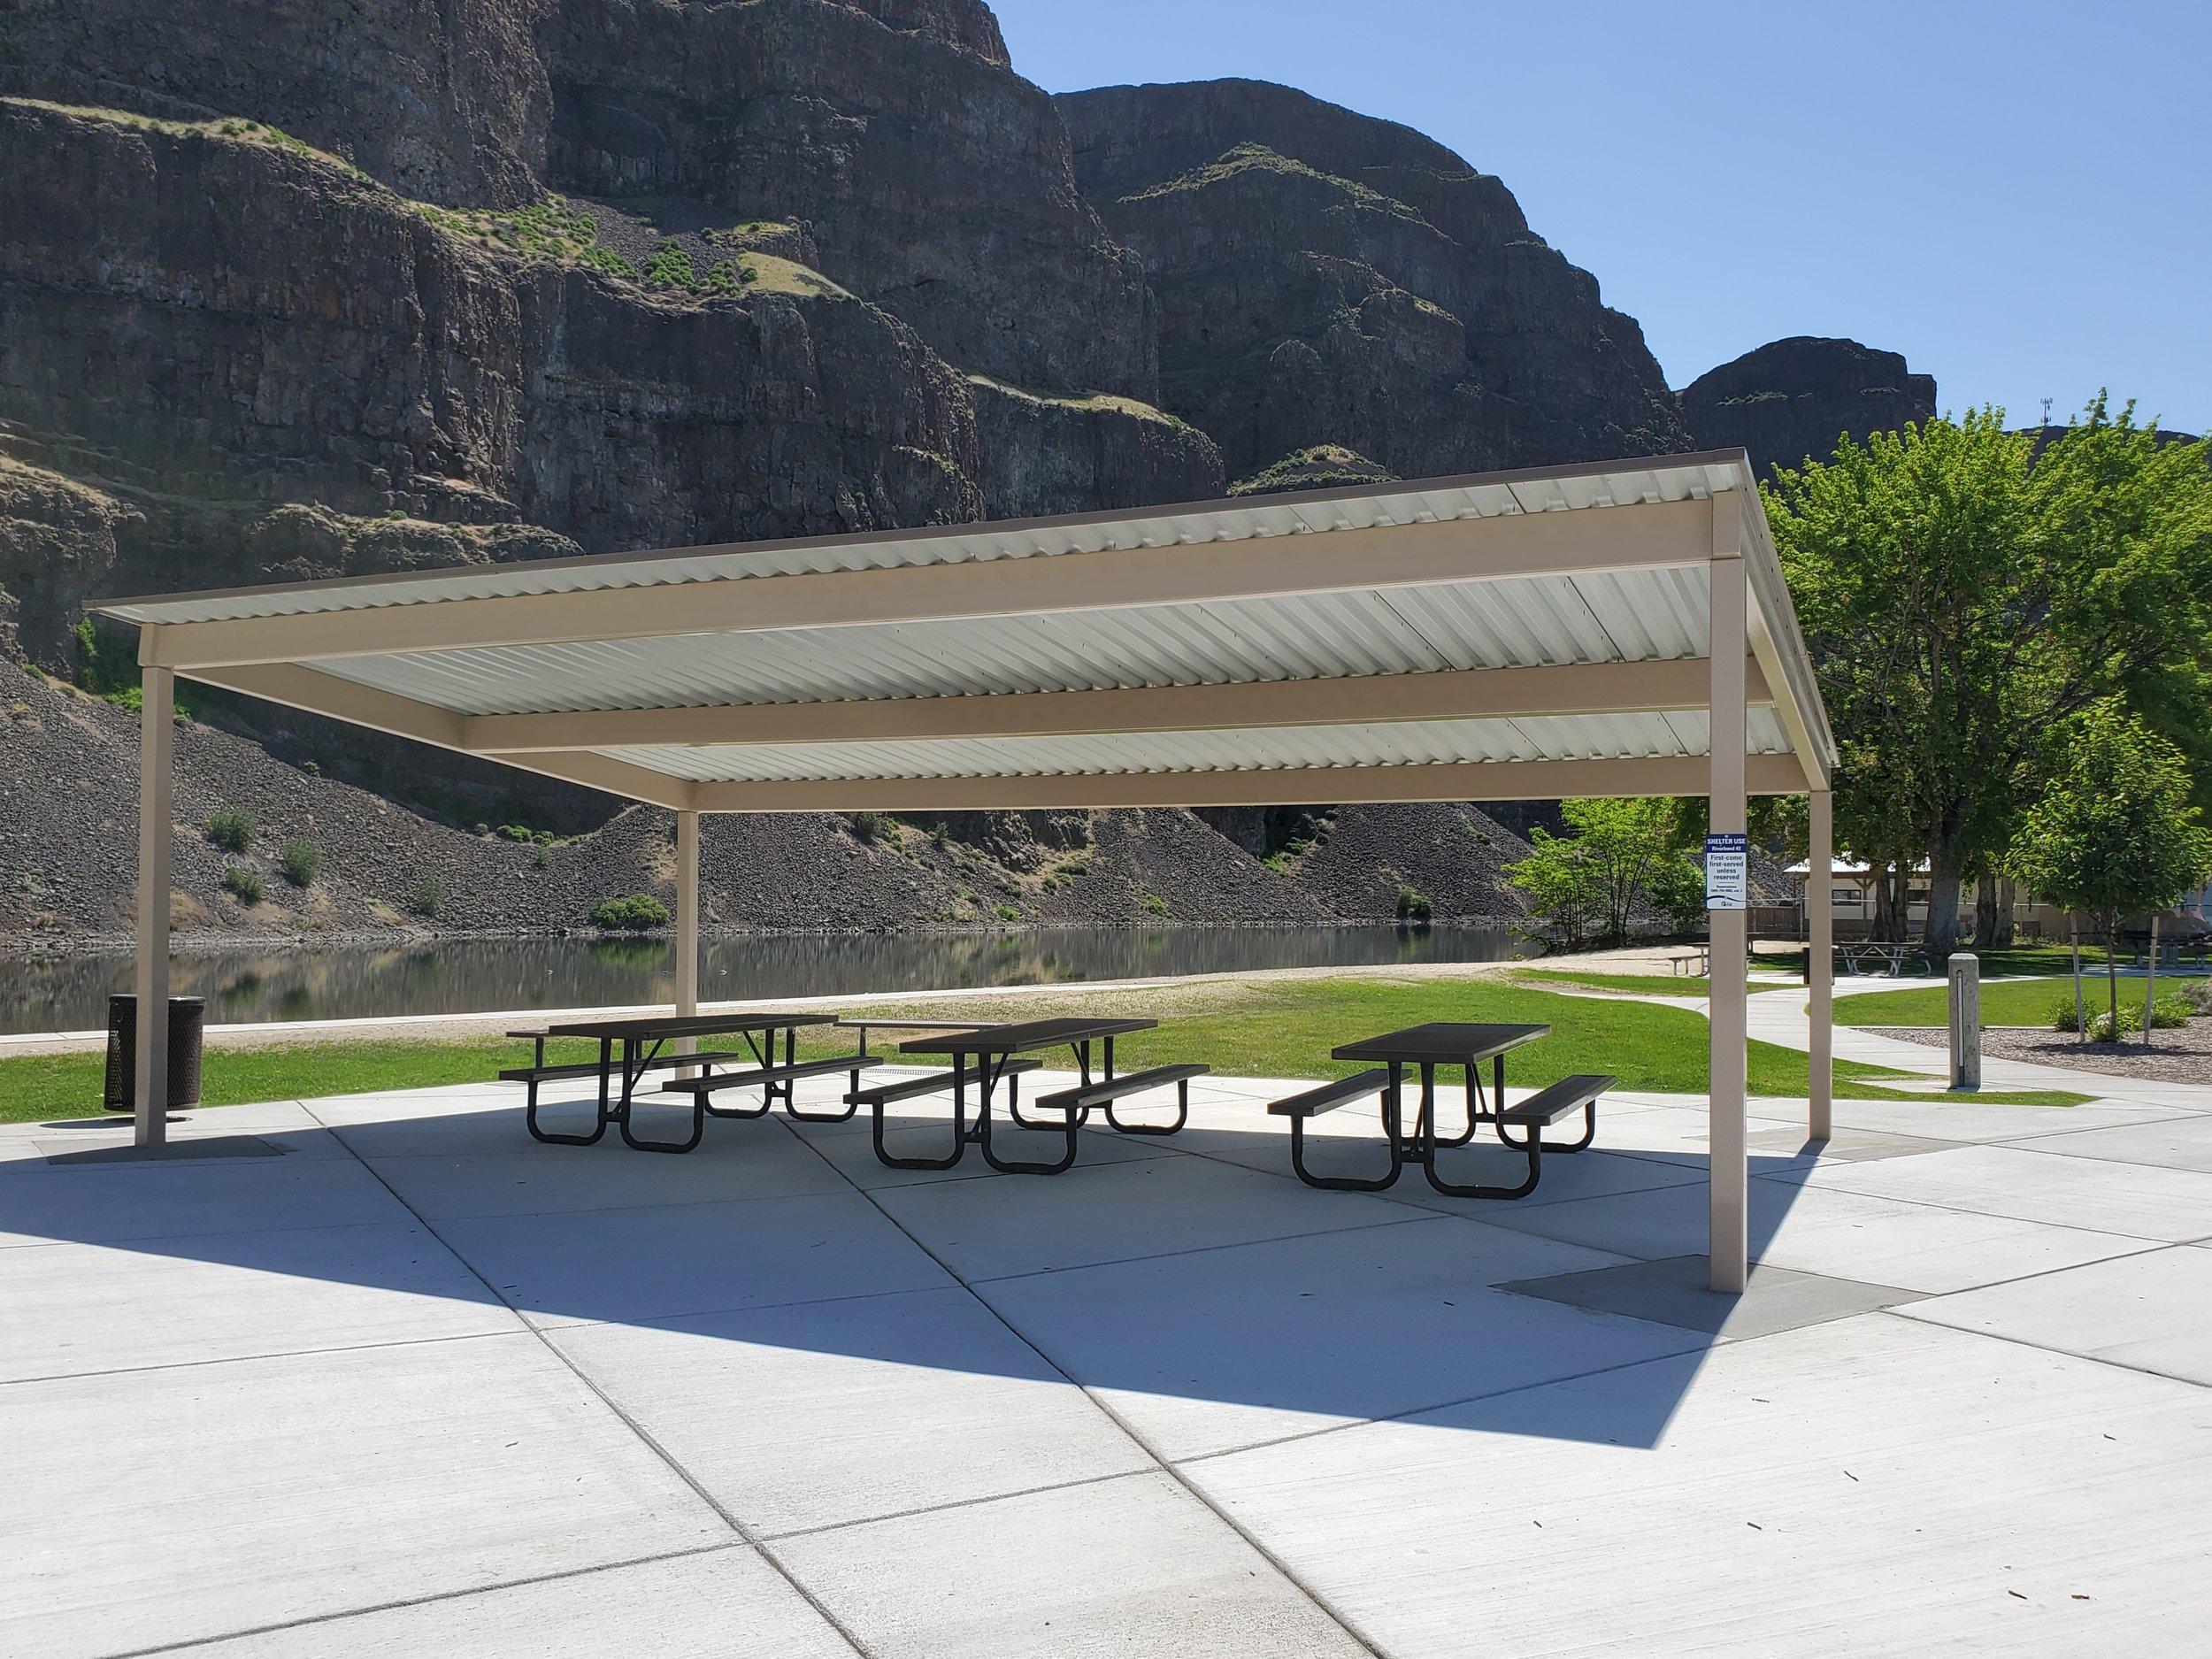 picnic shelter.jpg